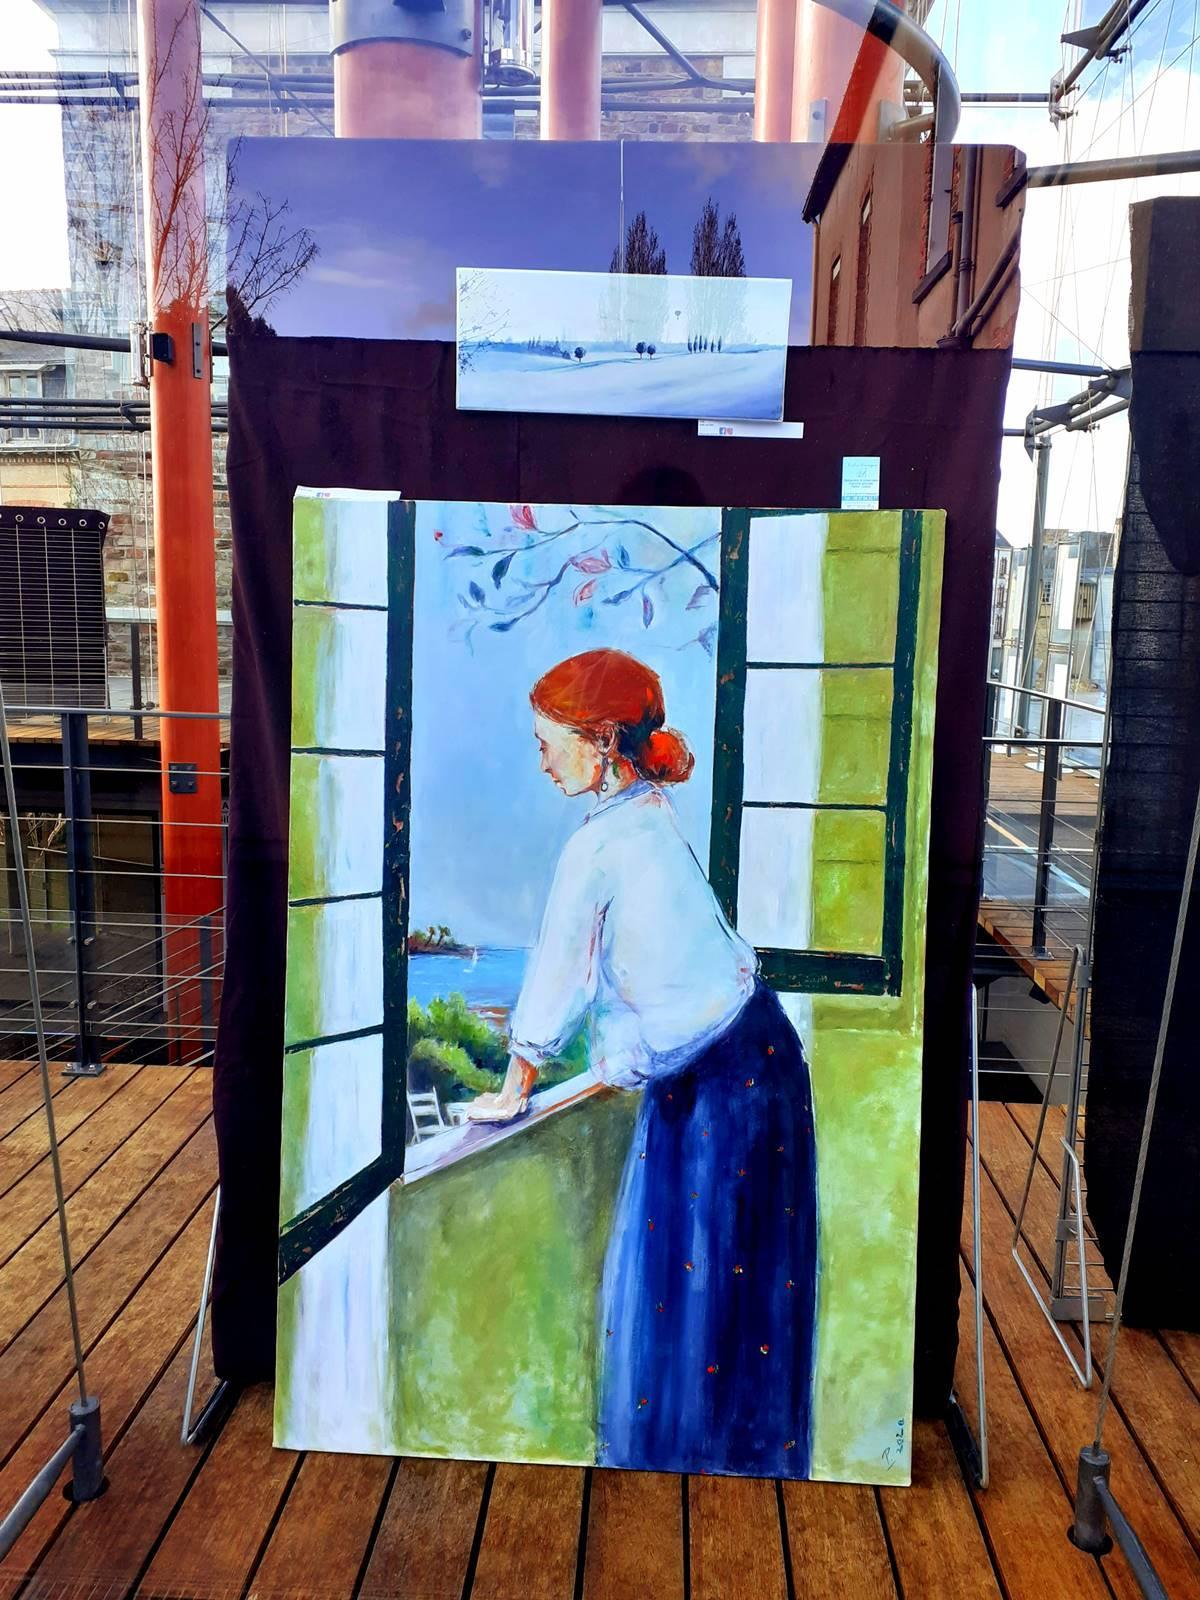 Exposition art chateaubriant loire atlantique20210316 194935